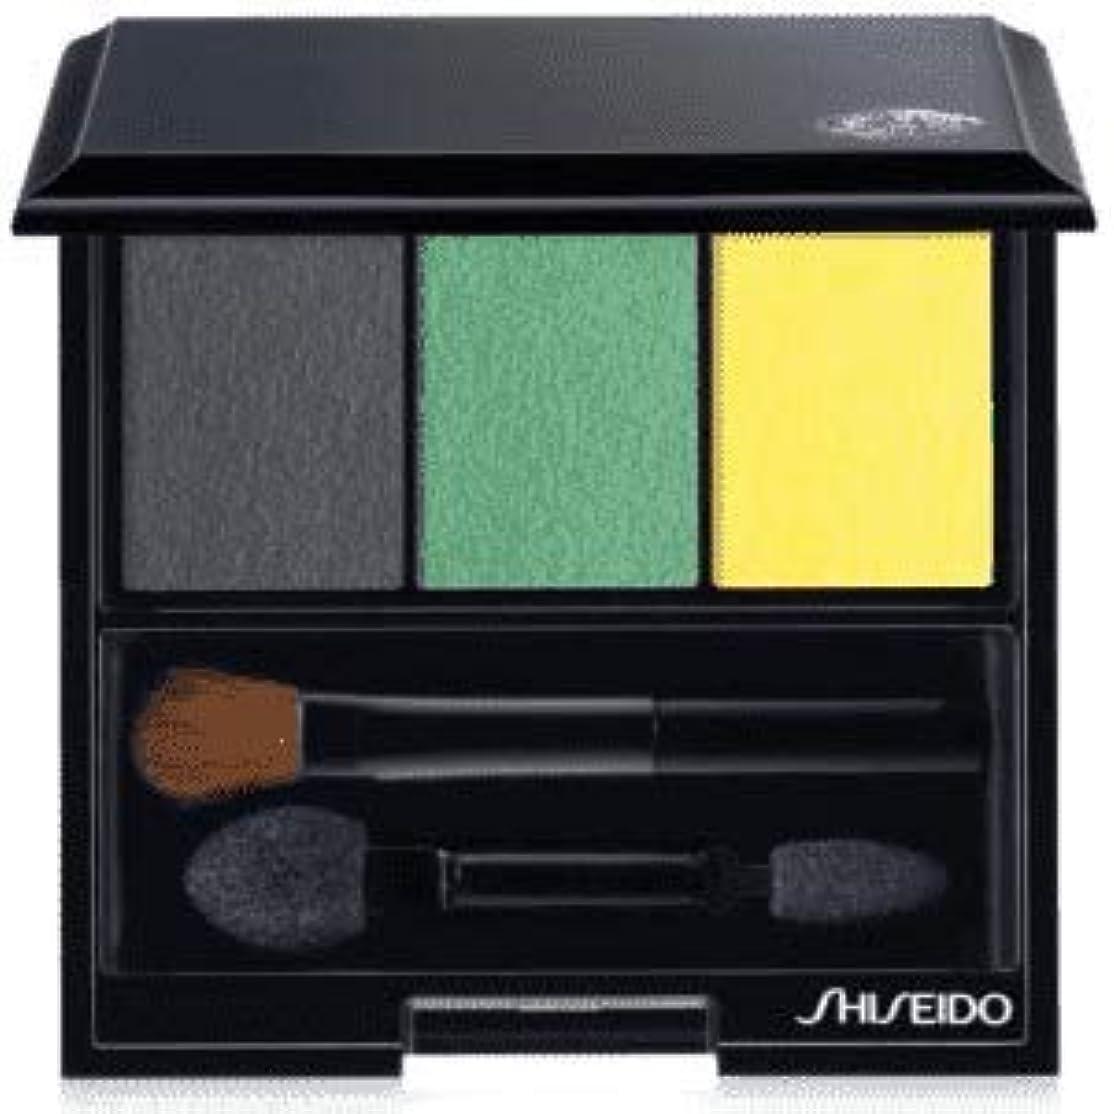 ショッピングセンター反発期待する資生堂 ルミナイジング サテン アイカラー トリオ GR716(Shiseido Luminizing Satin Eye Color Trio GR716) [並行輸入品]